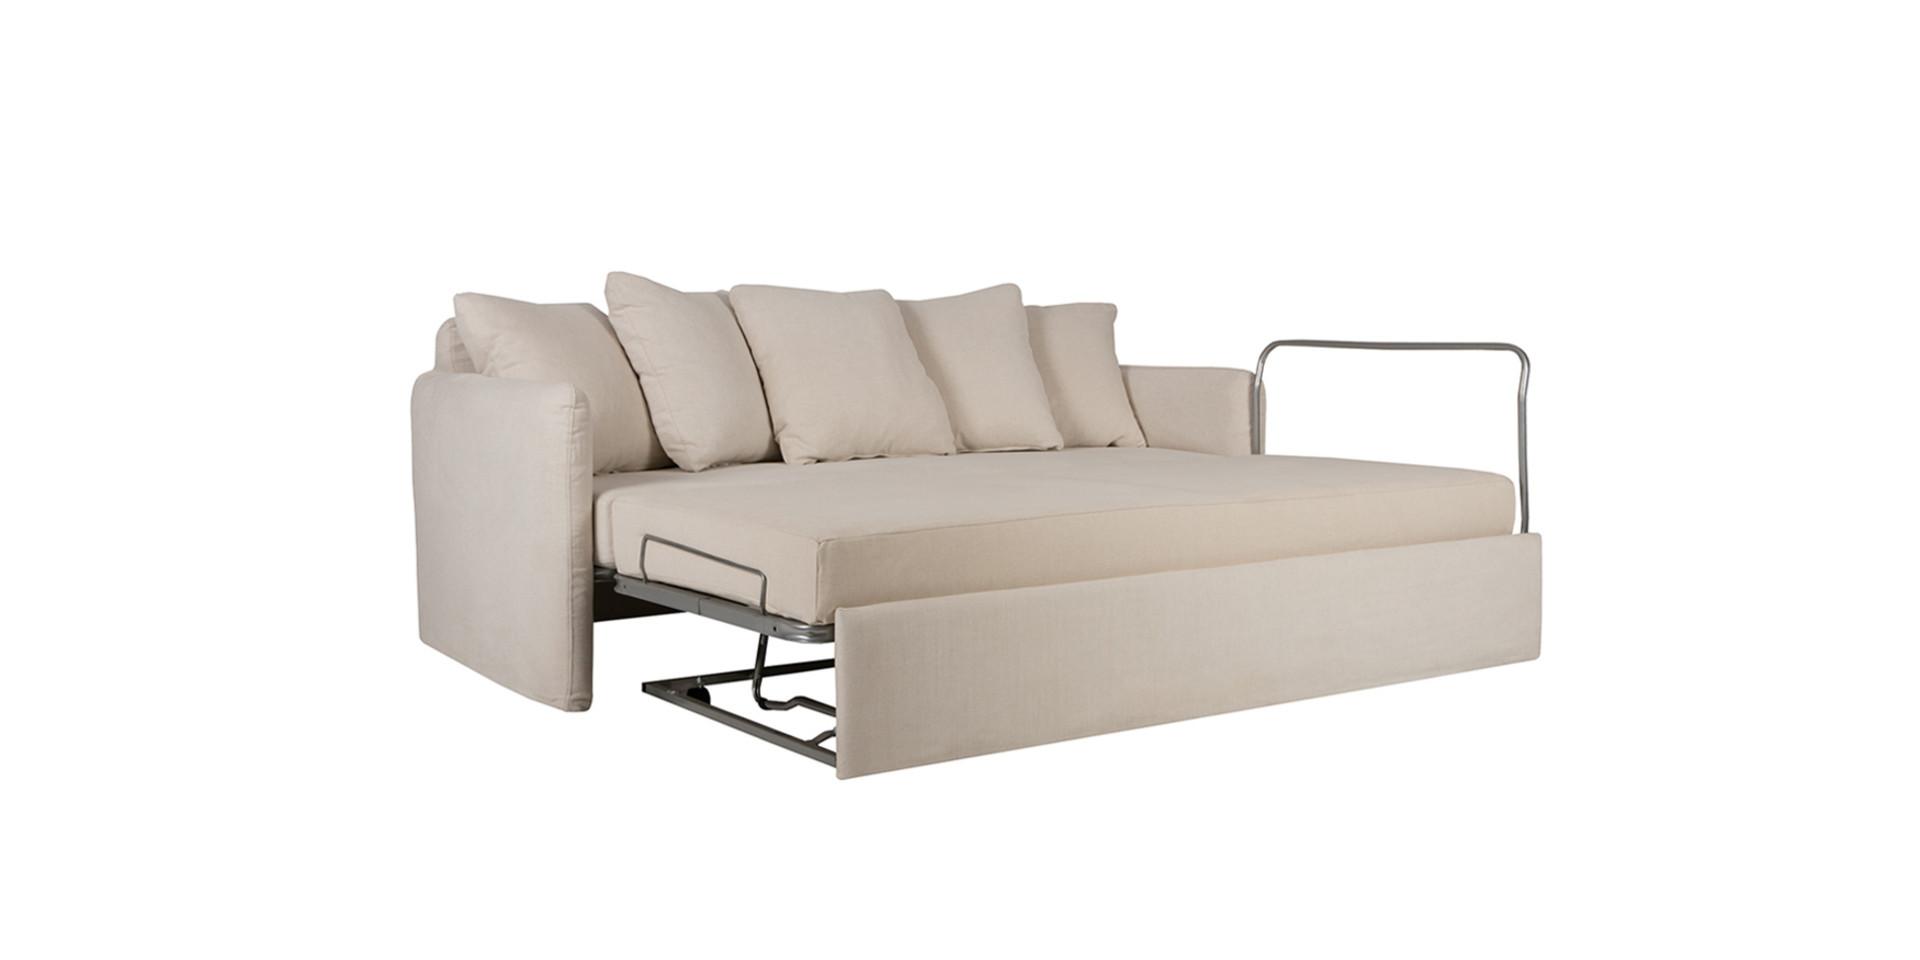 LOTTA_sofa_bed_caleido3790_beige_10